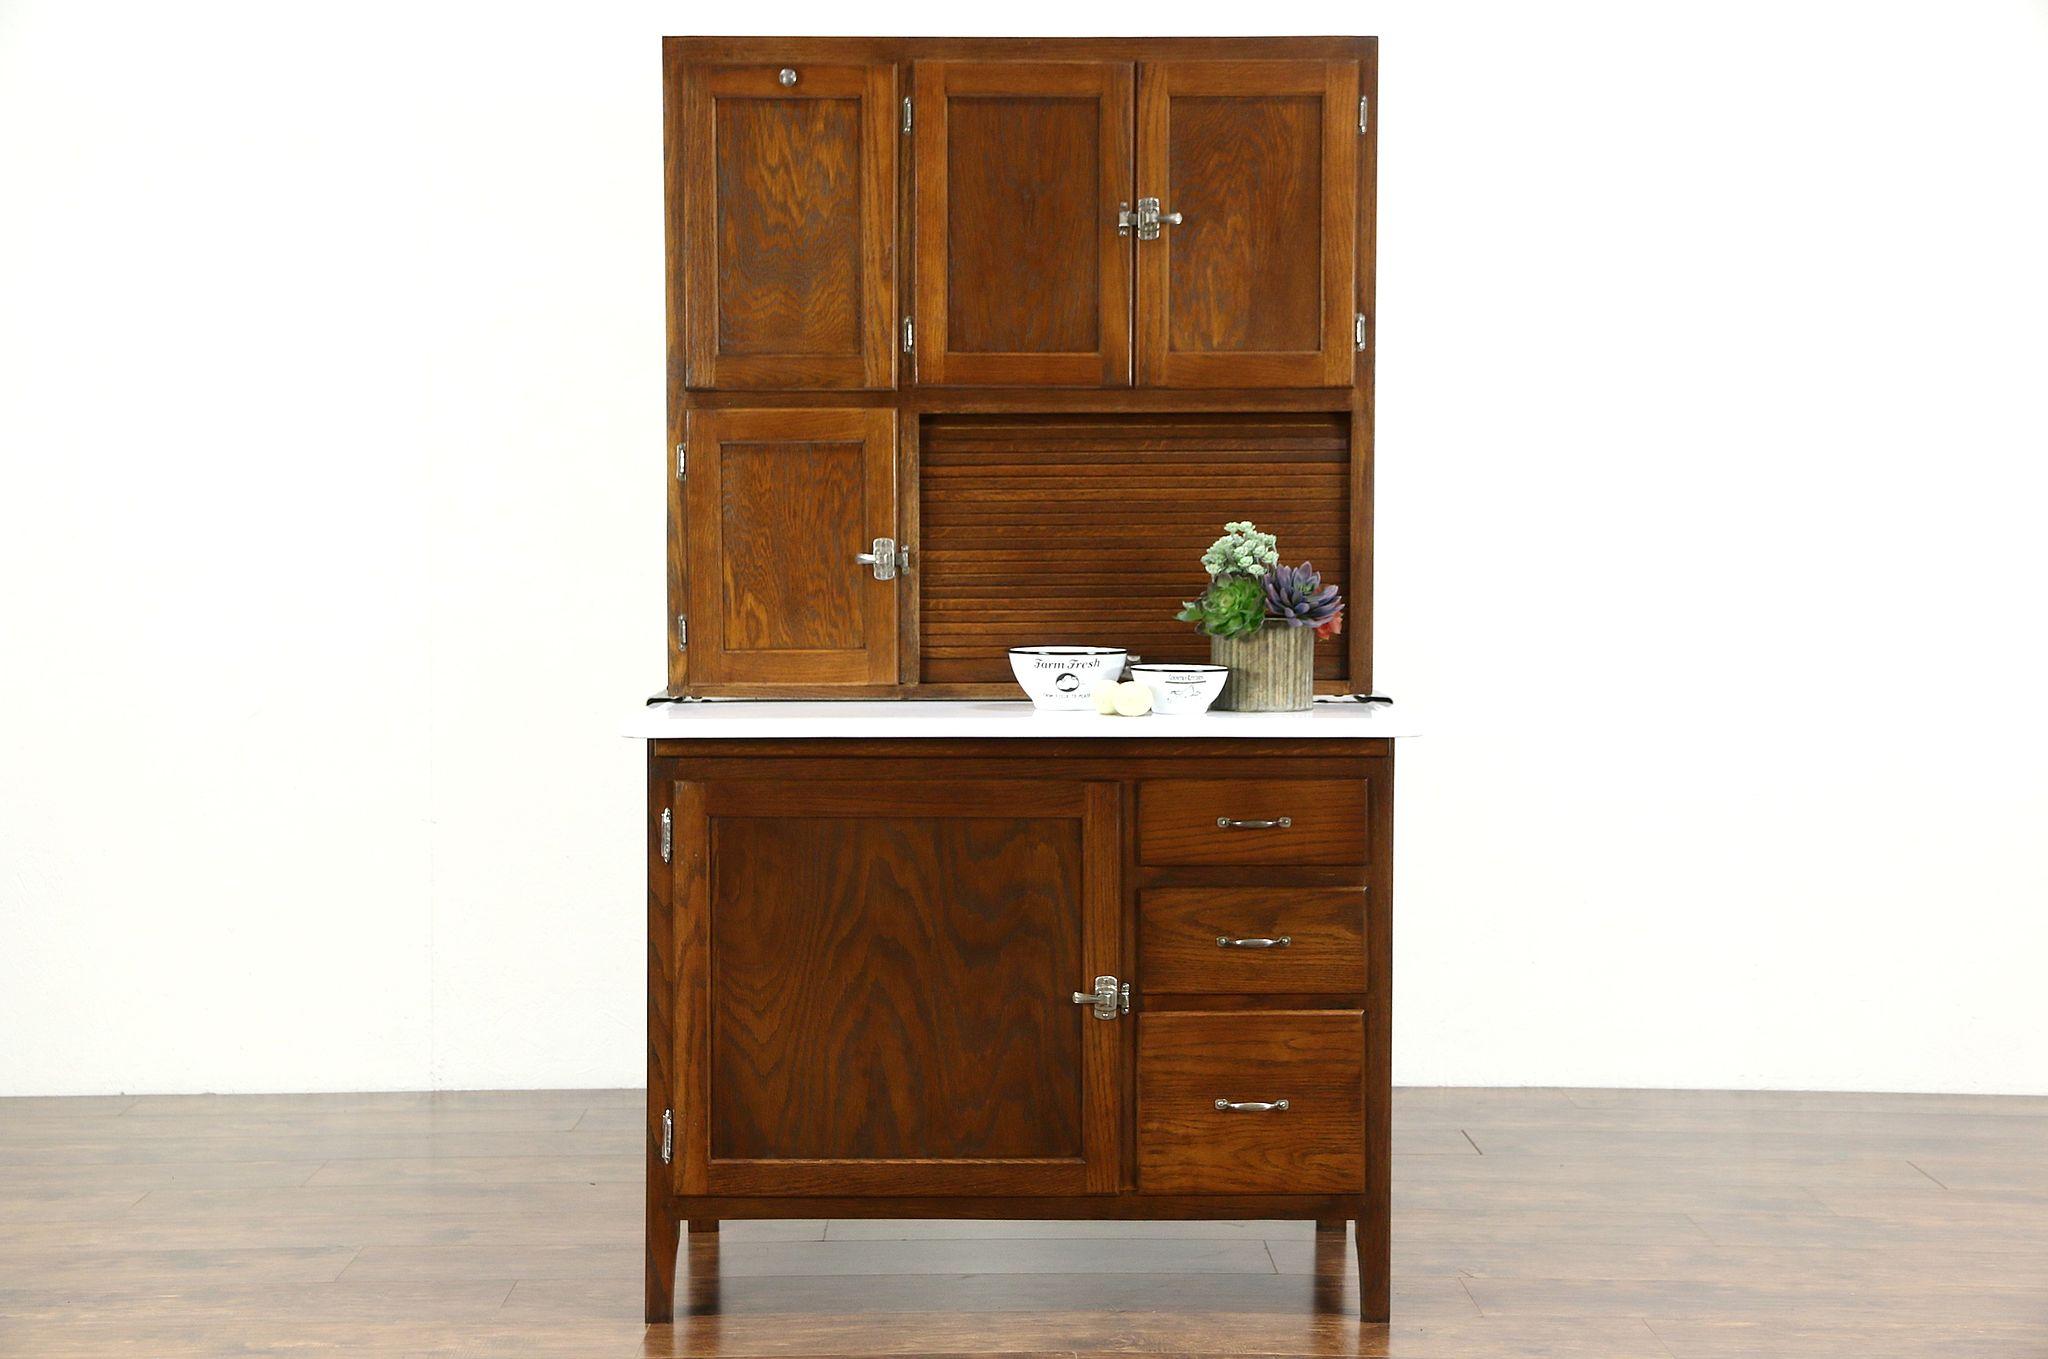 hoosier oak 1915 antique kitchen pantry cupboard sifter  u0026 roll top     sold   hoosier oak 1915 antique kitchen pantry cupboard sifter      rh   harpgallery com